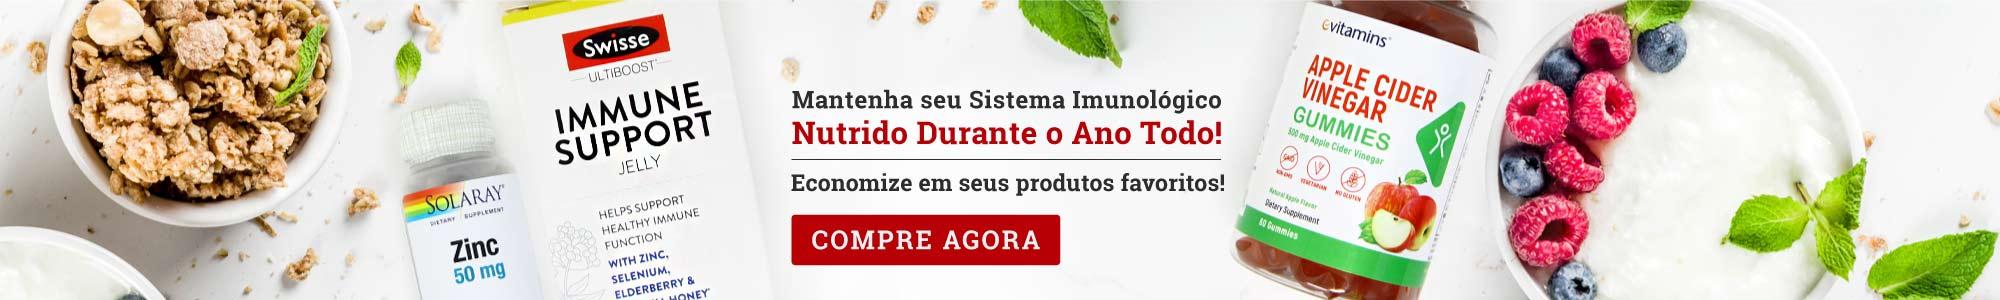 Mantenha seu Sistema Imunológico Nutrido Durante o Ano Todo! Economize em seus produtos favoritos! COMPRE AGORA